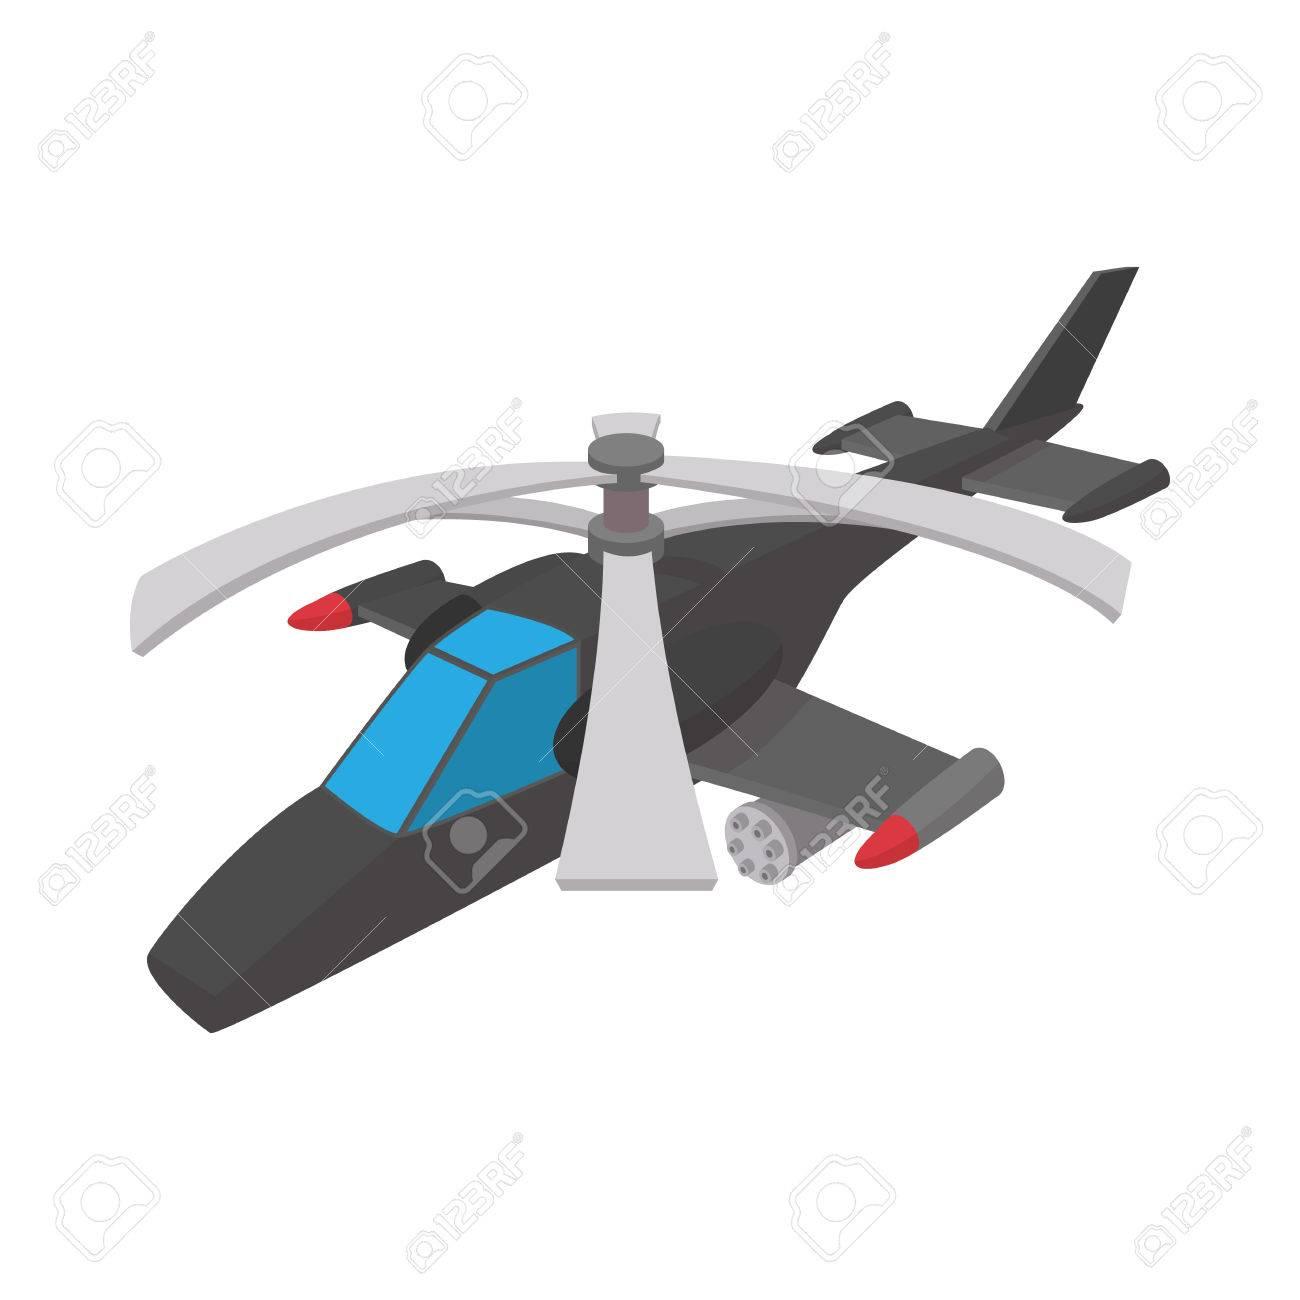 Icono De Helicóptero Militar En Estilo De Dibujos Animados Sobre Un ...